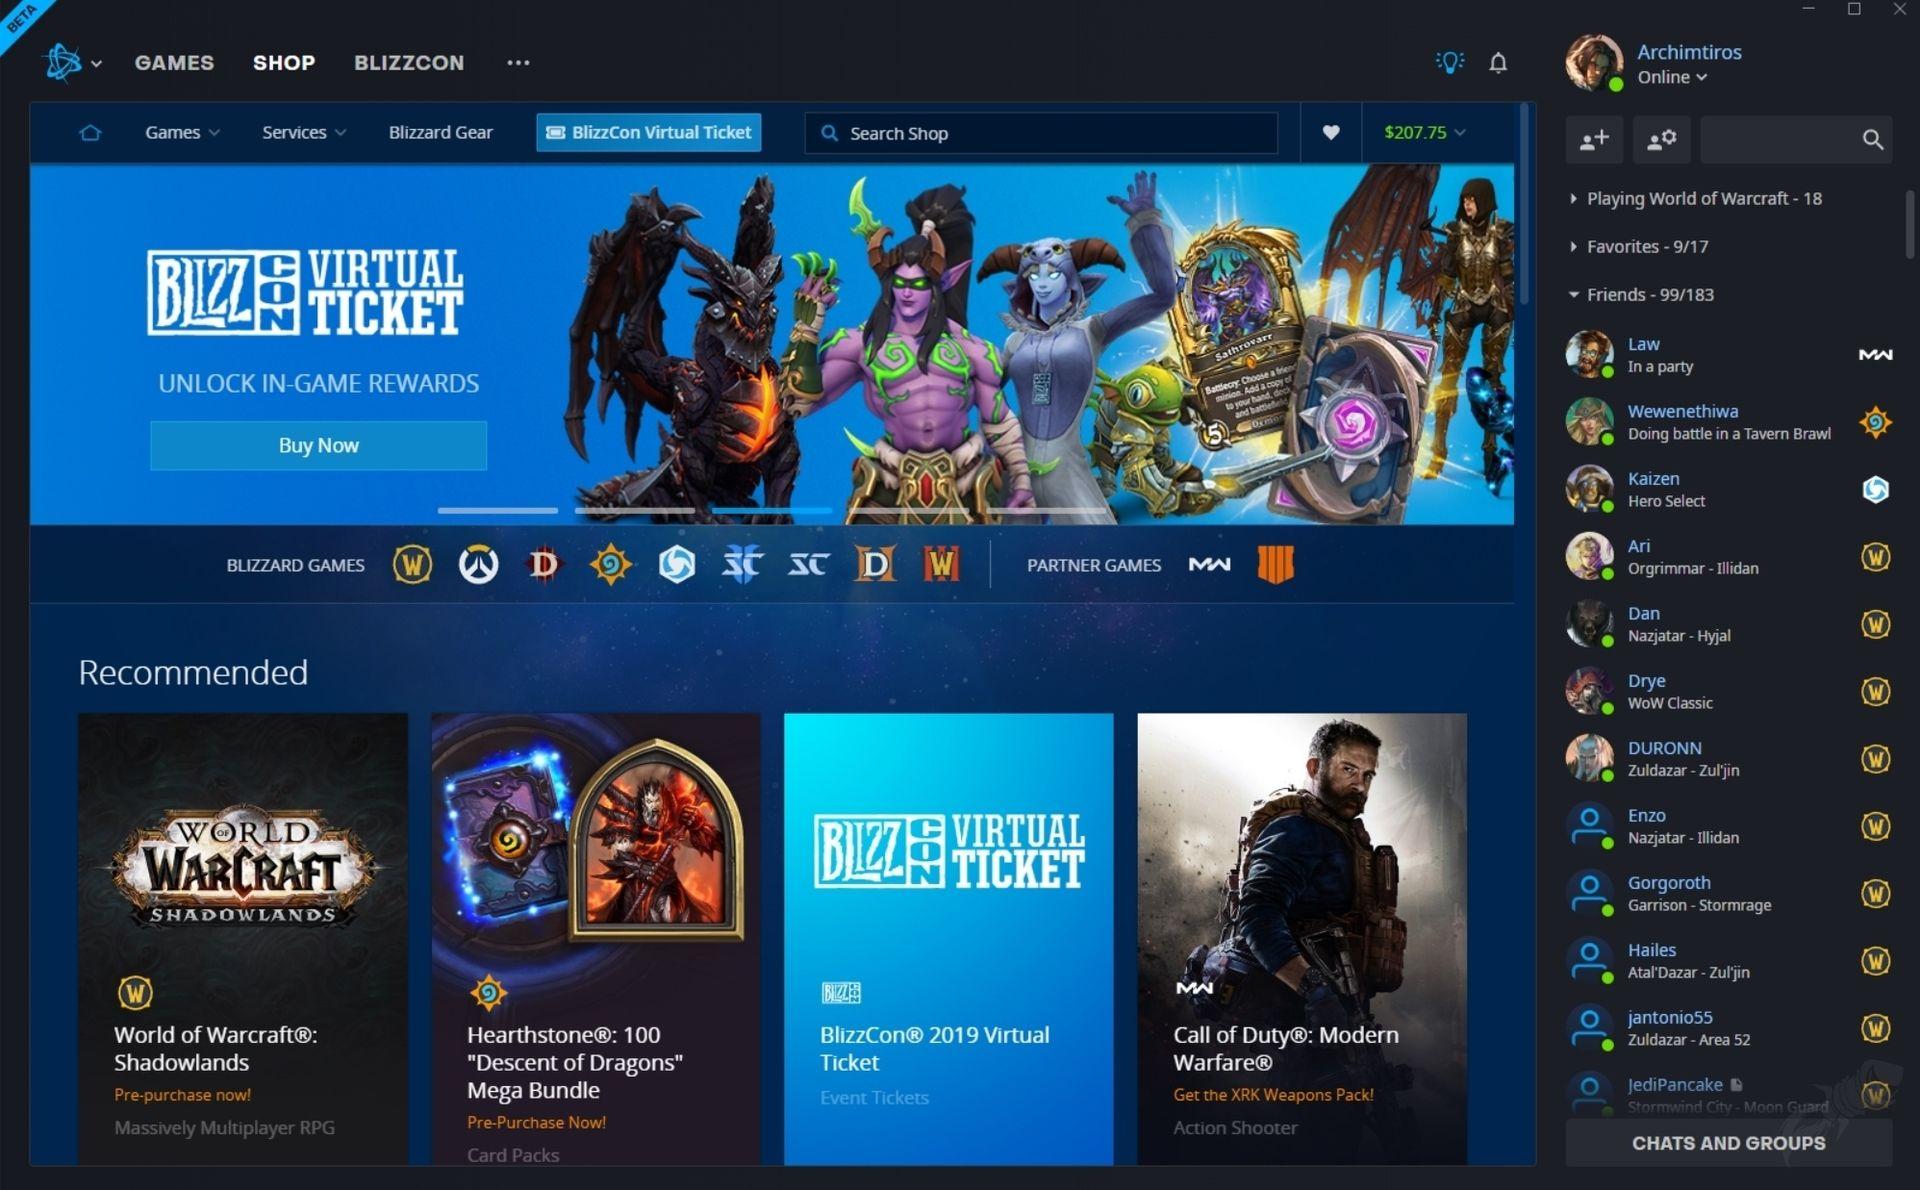 暴雪战网客户端Beta测试版更新用户界面 全新体验